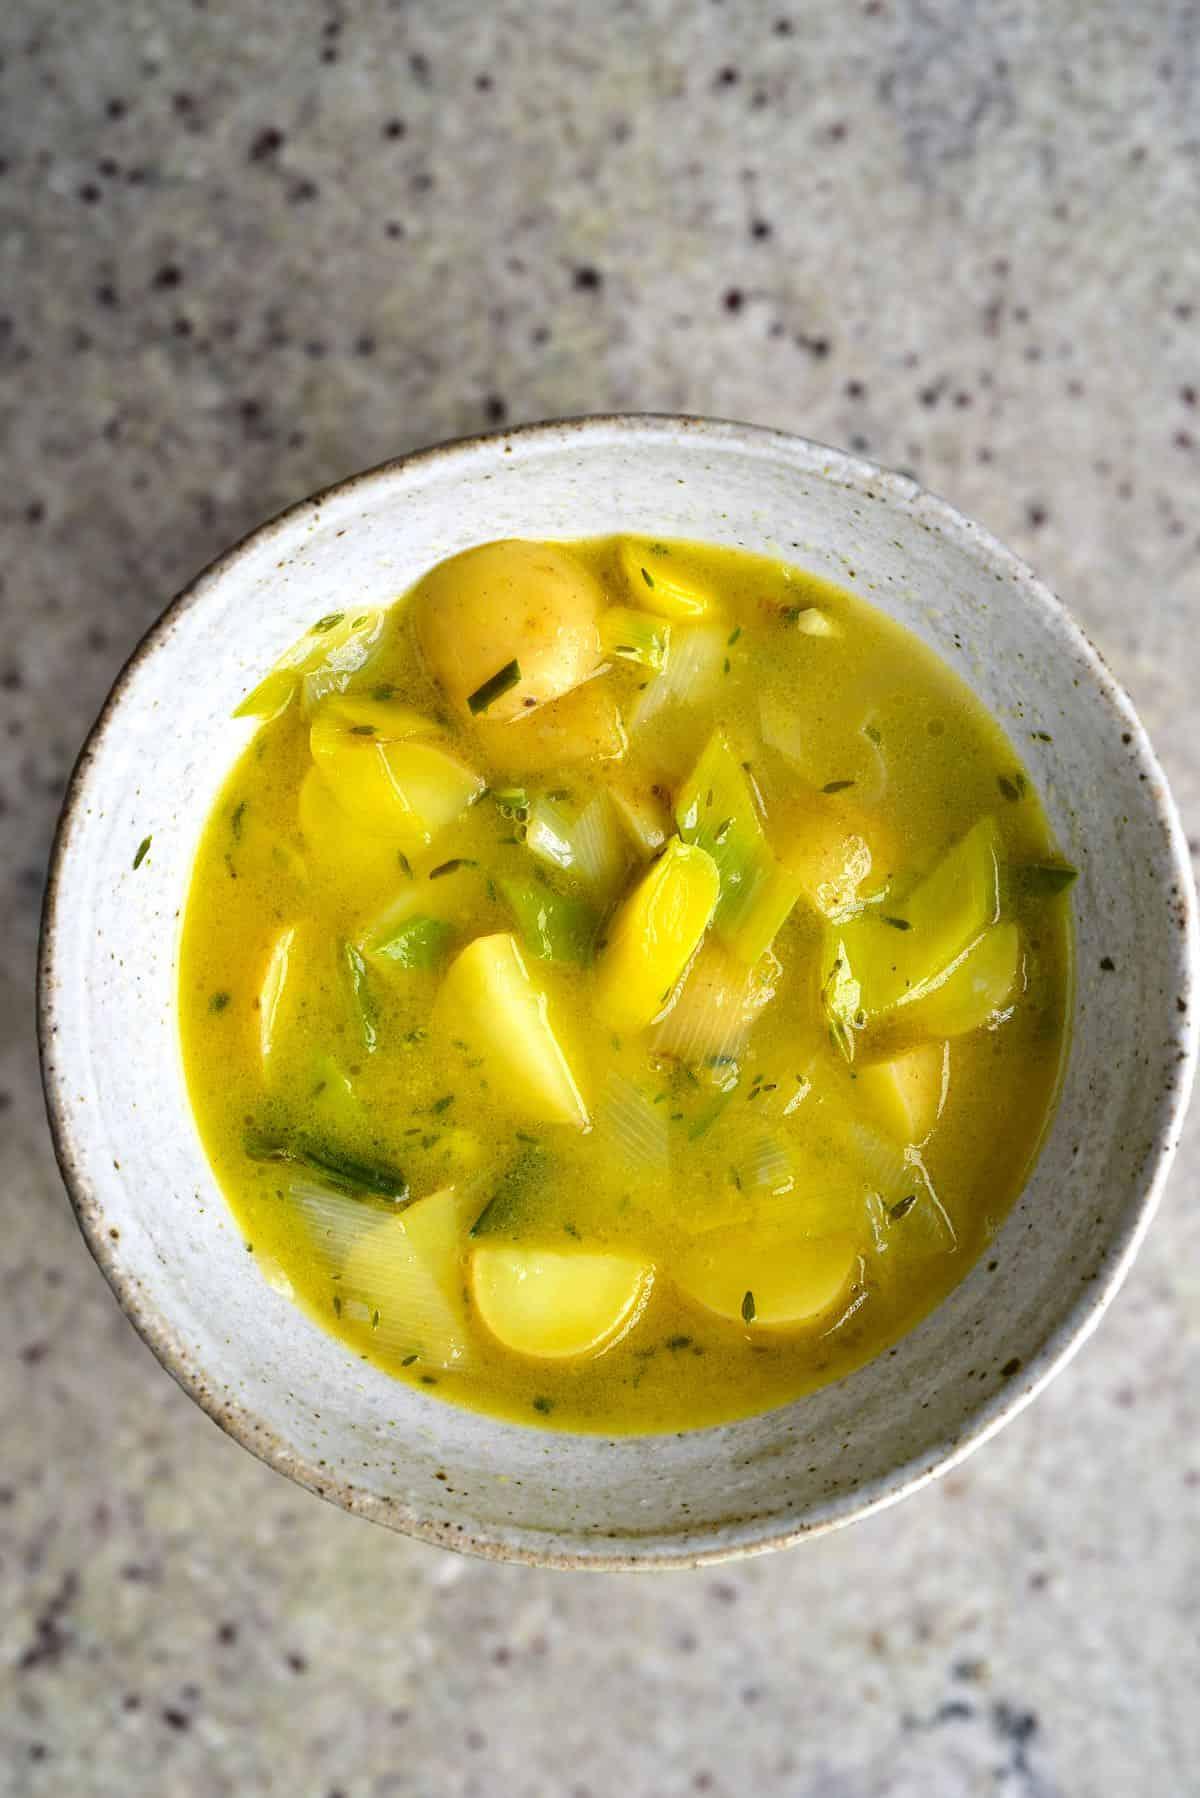 A bowl with potato leek soup